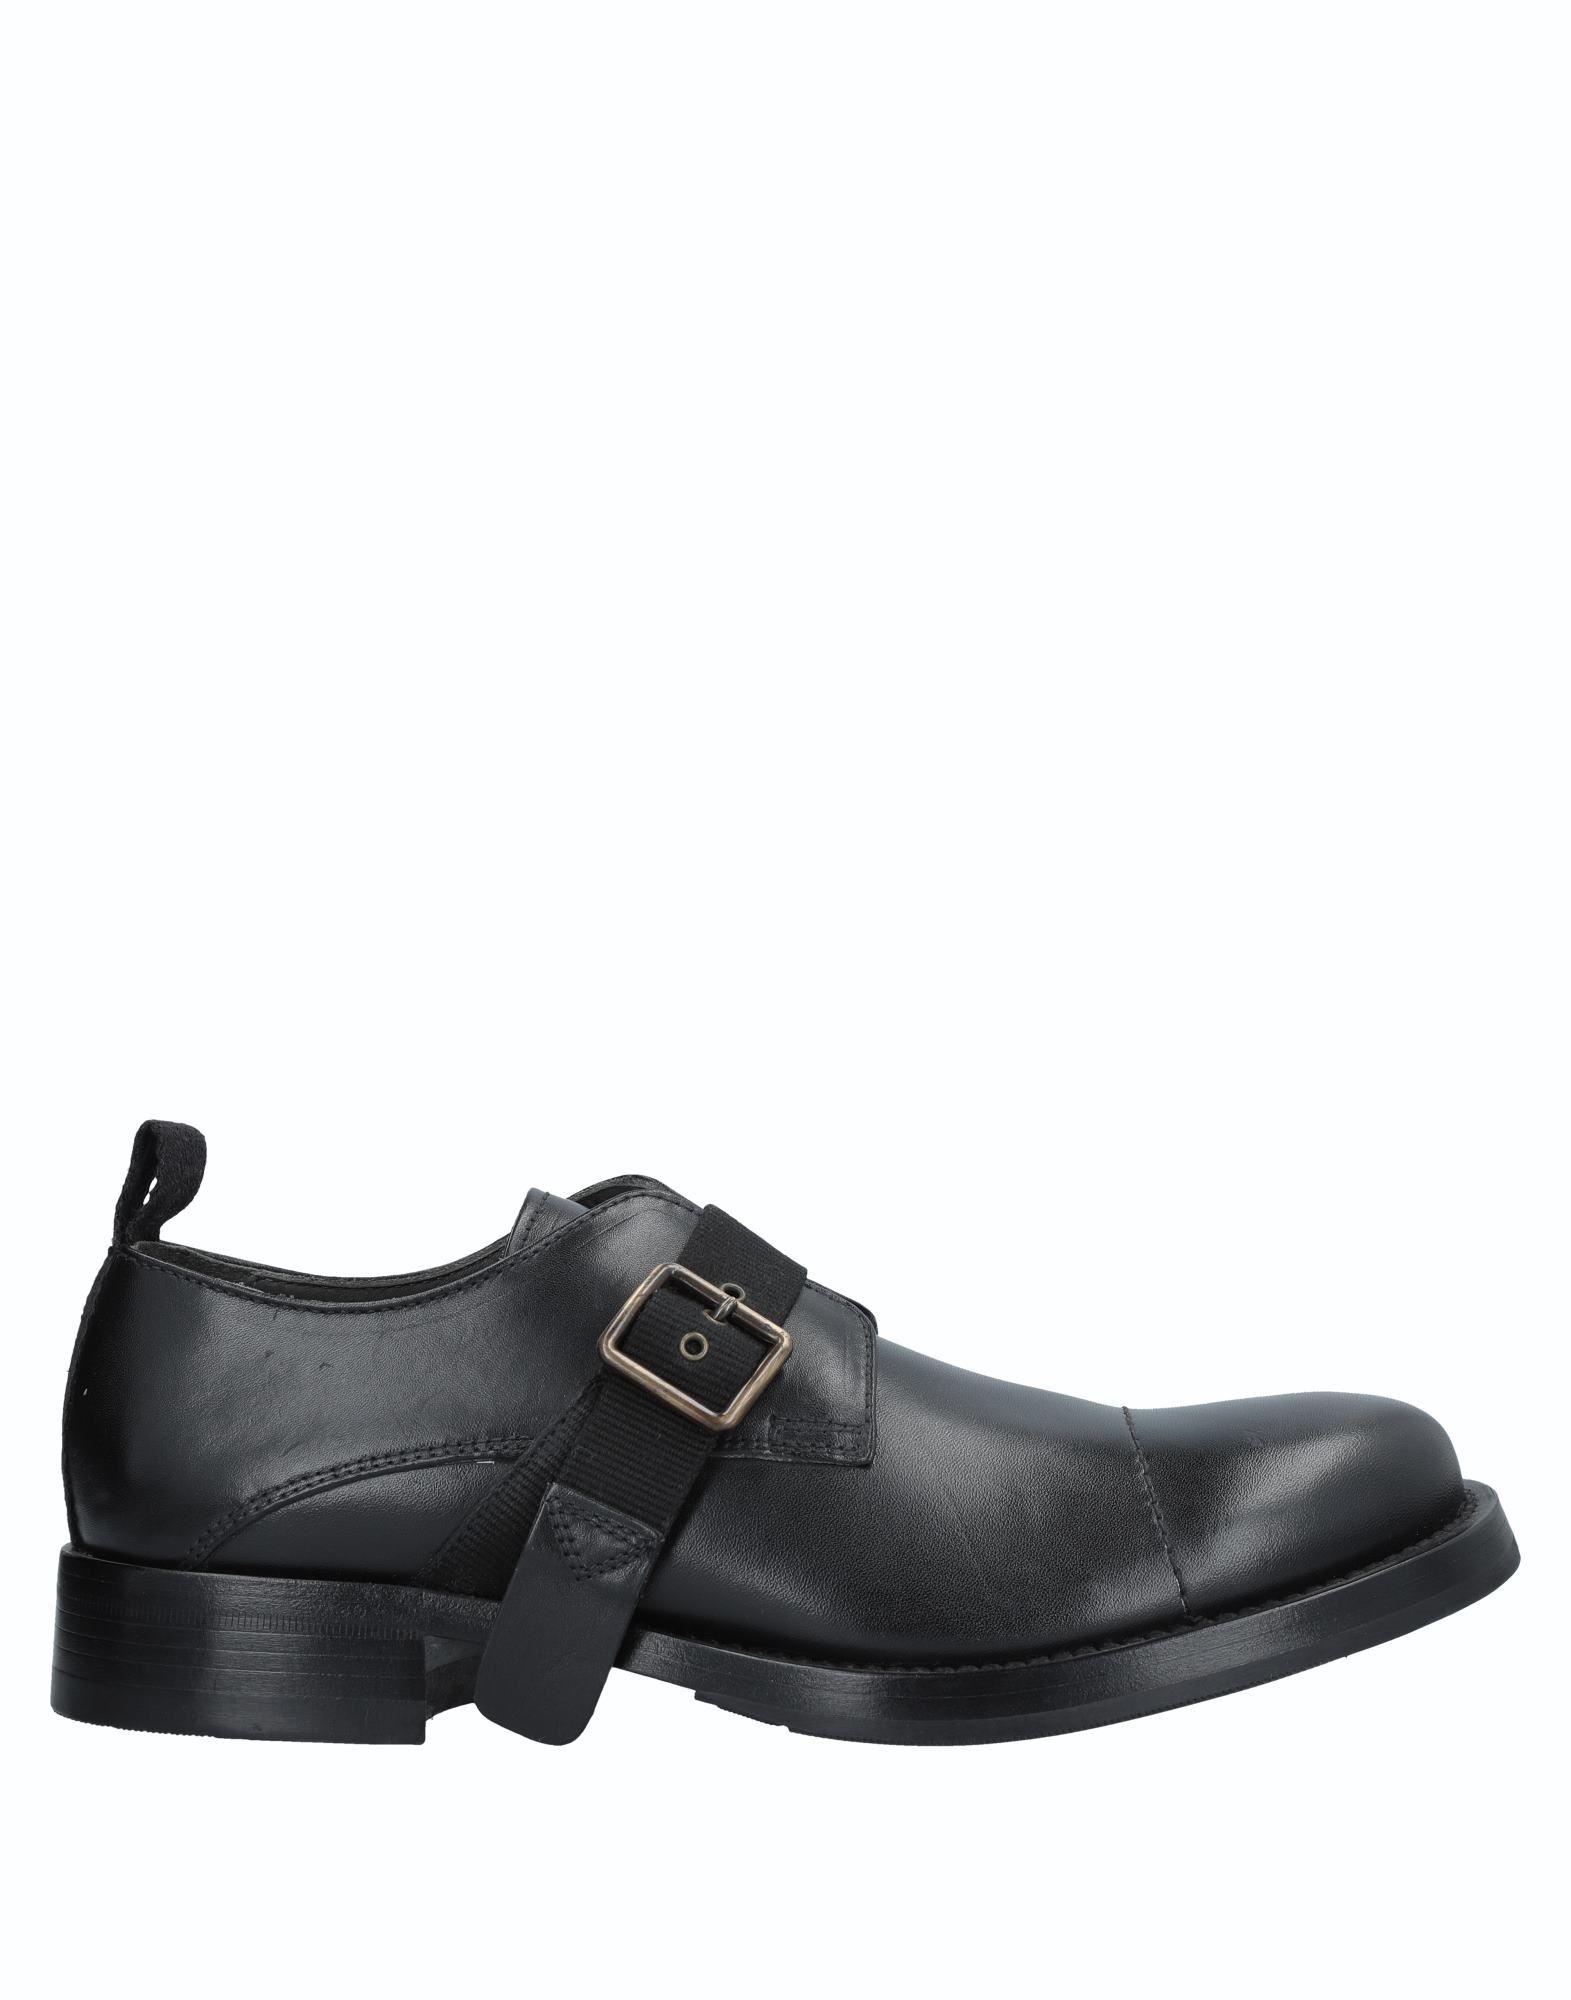 Miu Miu Miu Loafers - Men Miu Miu Miu Loafers online on  Australia - 11538438JM 9e03af